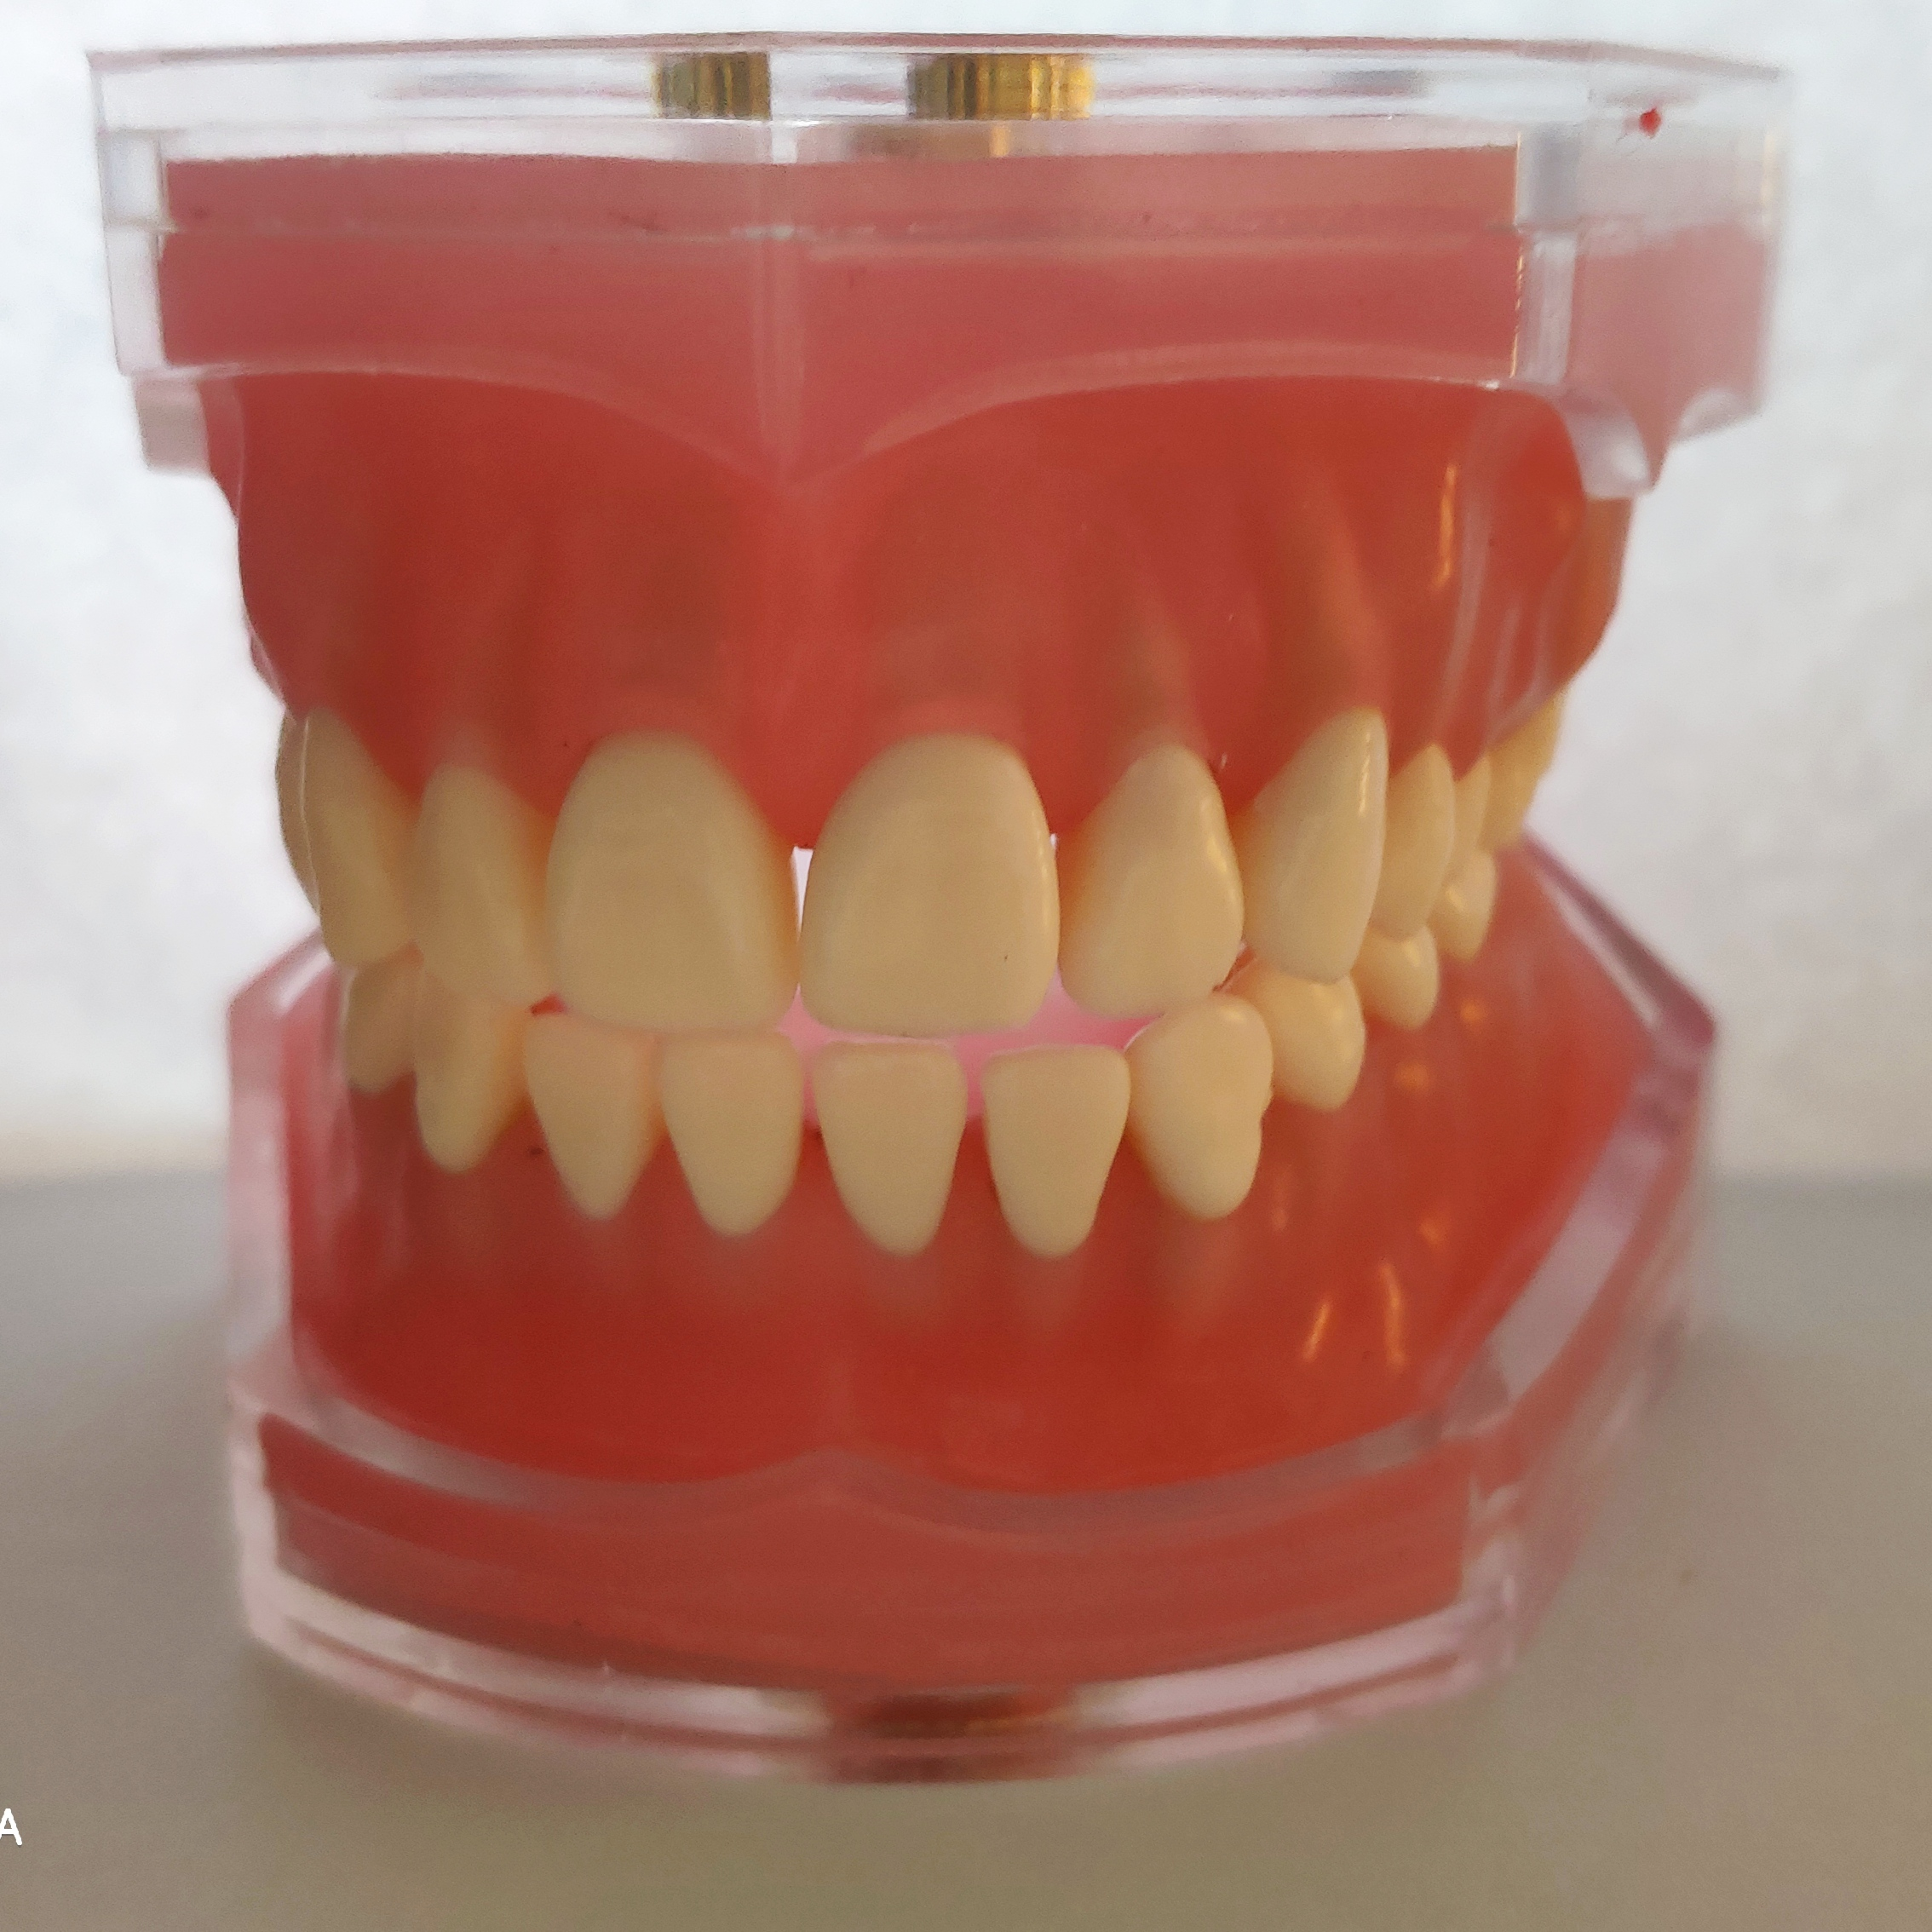 Модель для обучения стоматологии/силиконовый материал